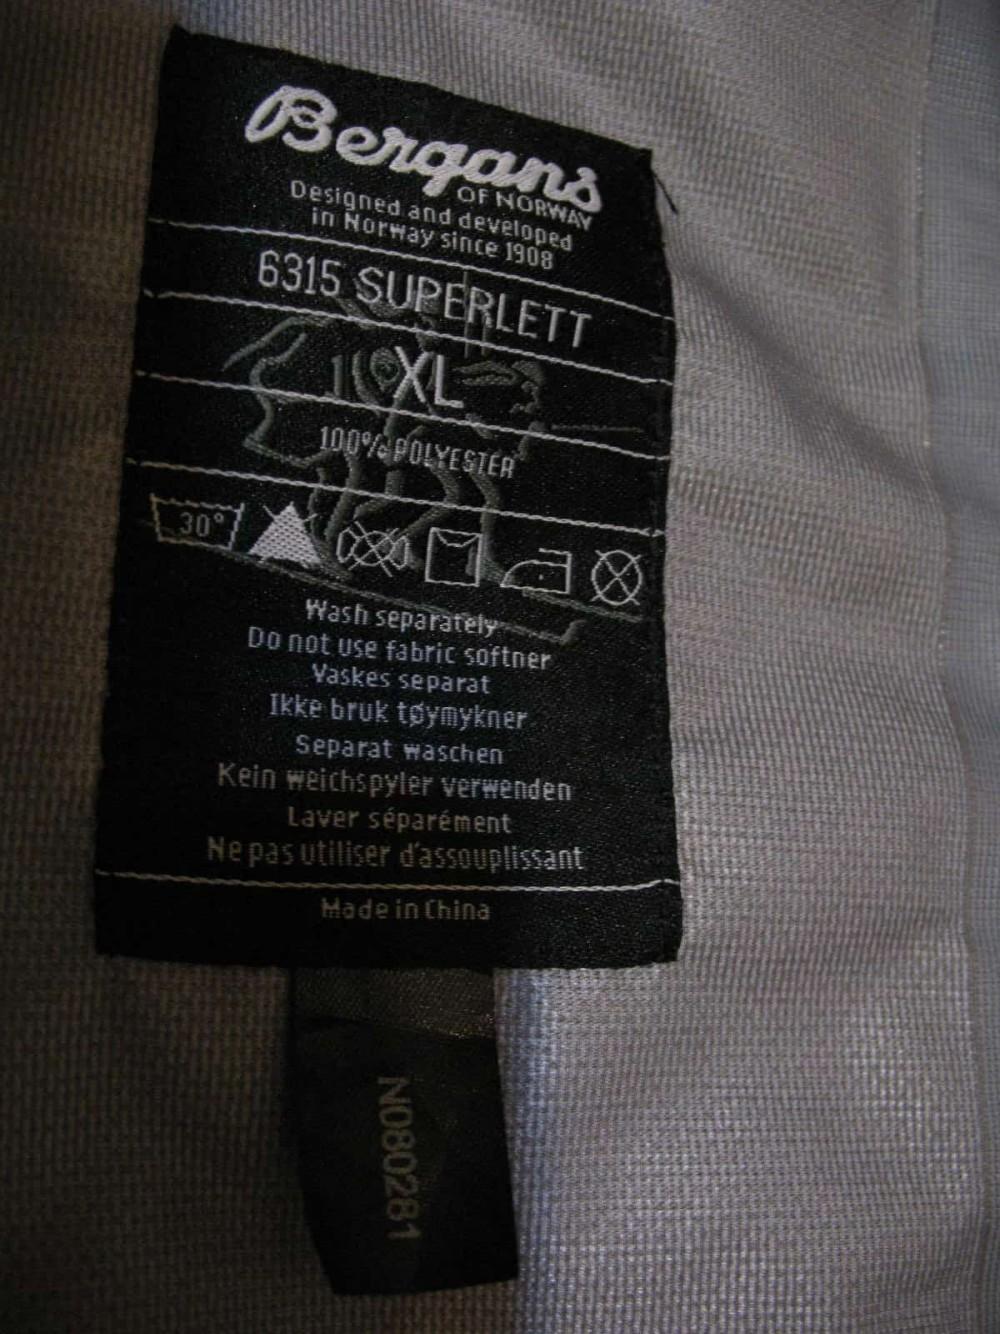 Куртка BERGANS super lett jacket (размер XL) - 10